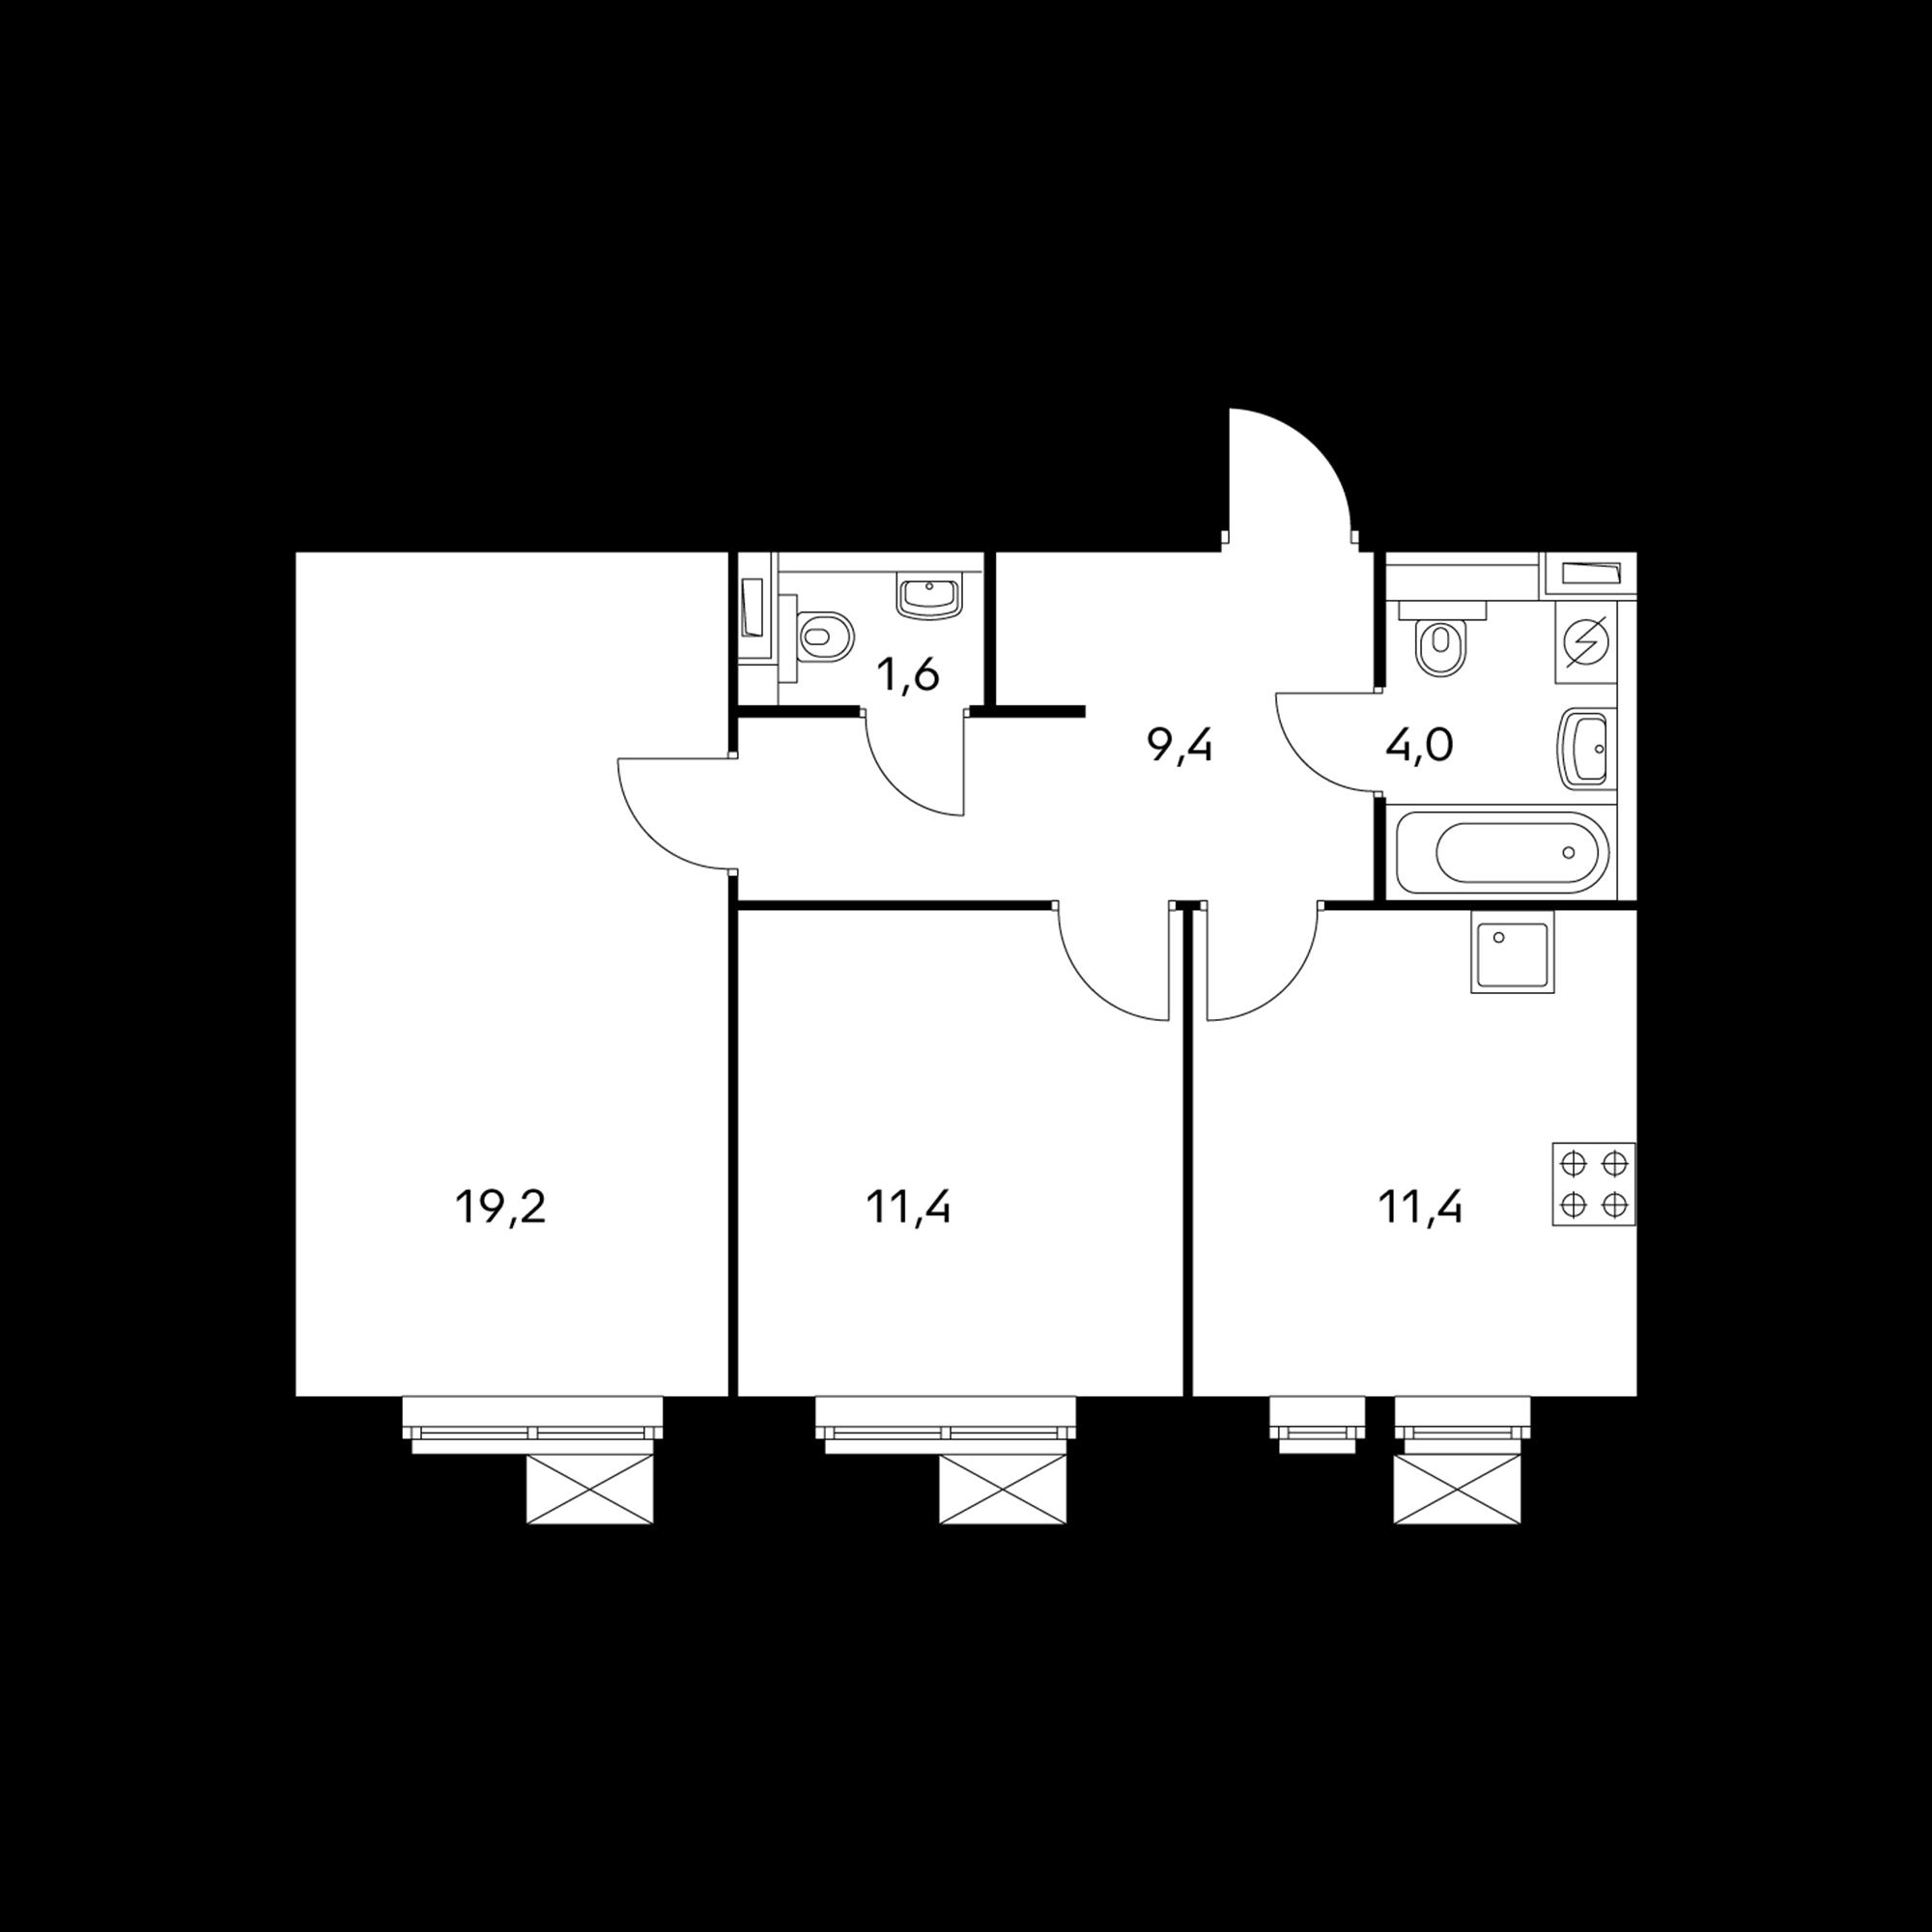 2KM6_9.9-1_S_A